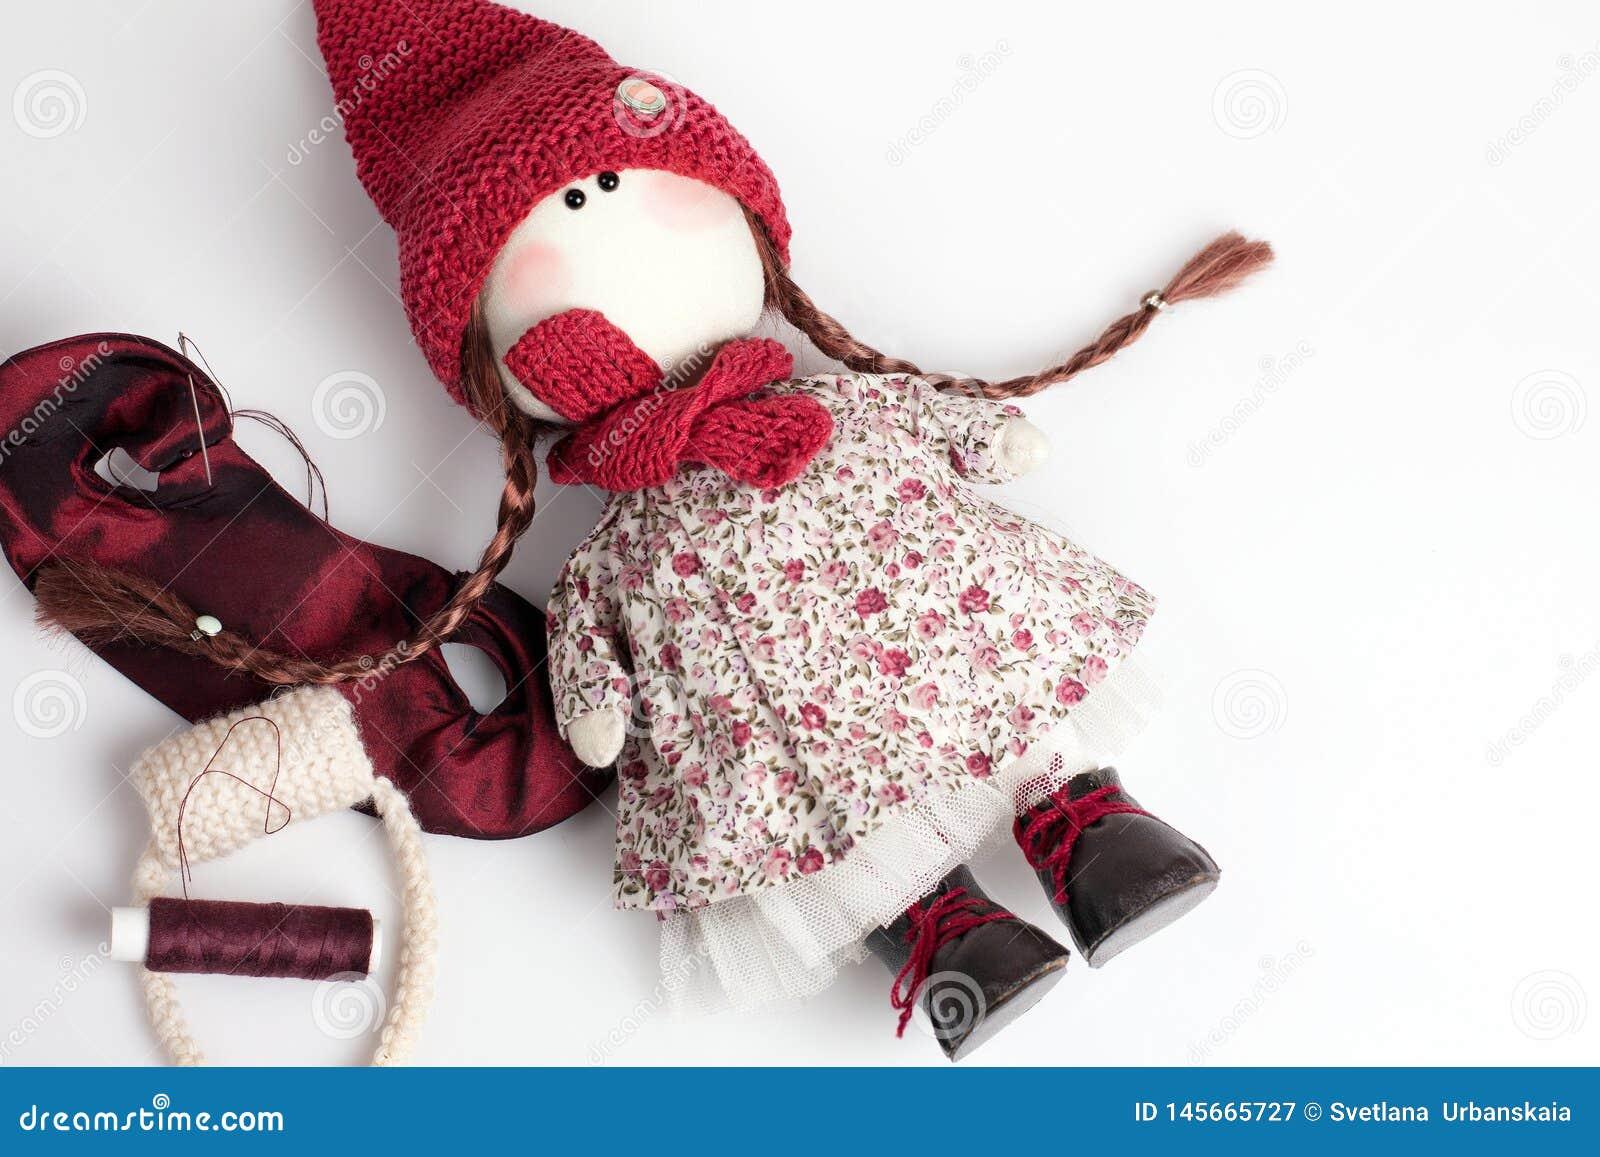 Handgemachte Puppe auf wei?em Hintergrund